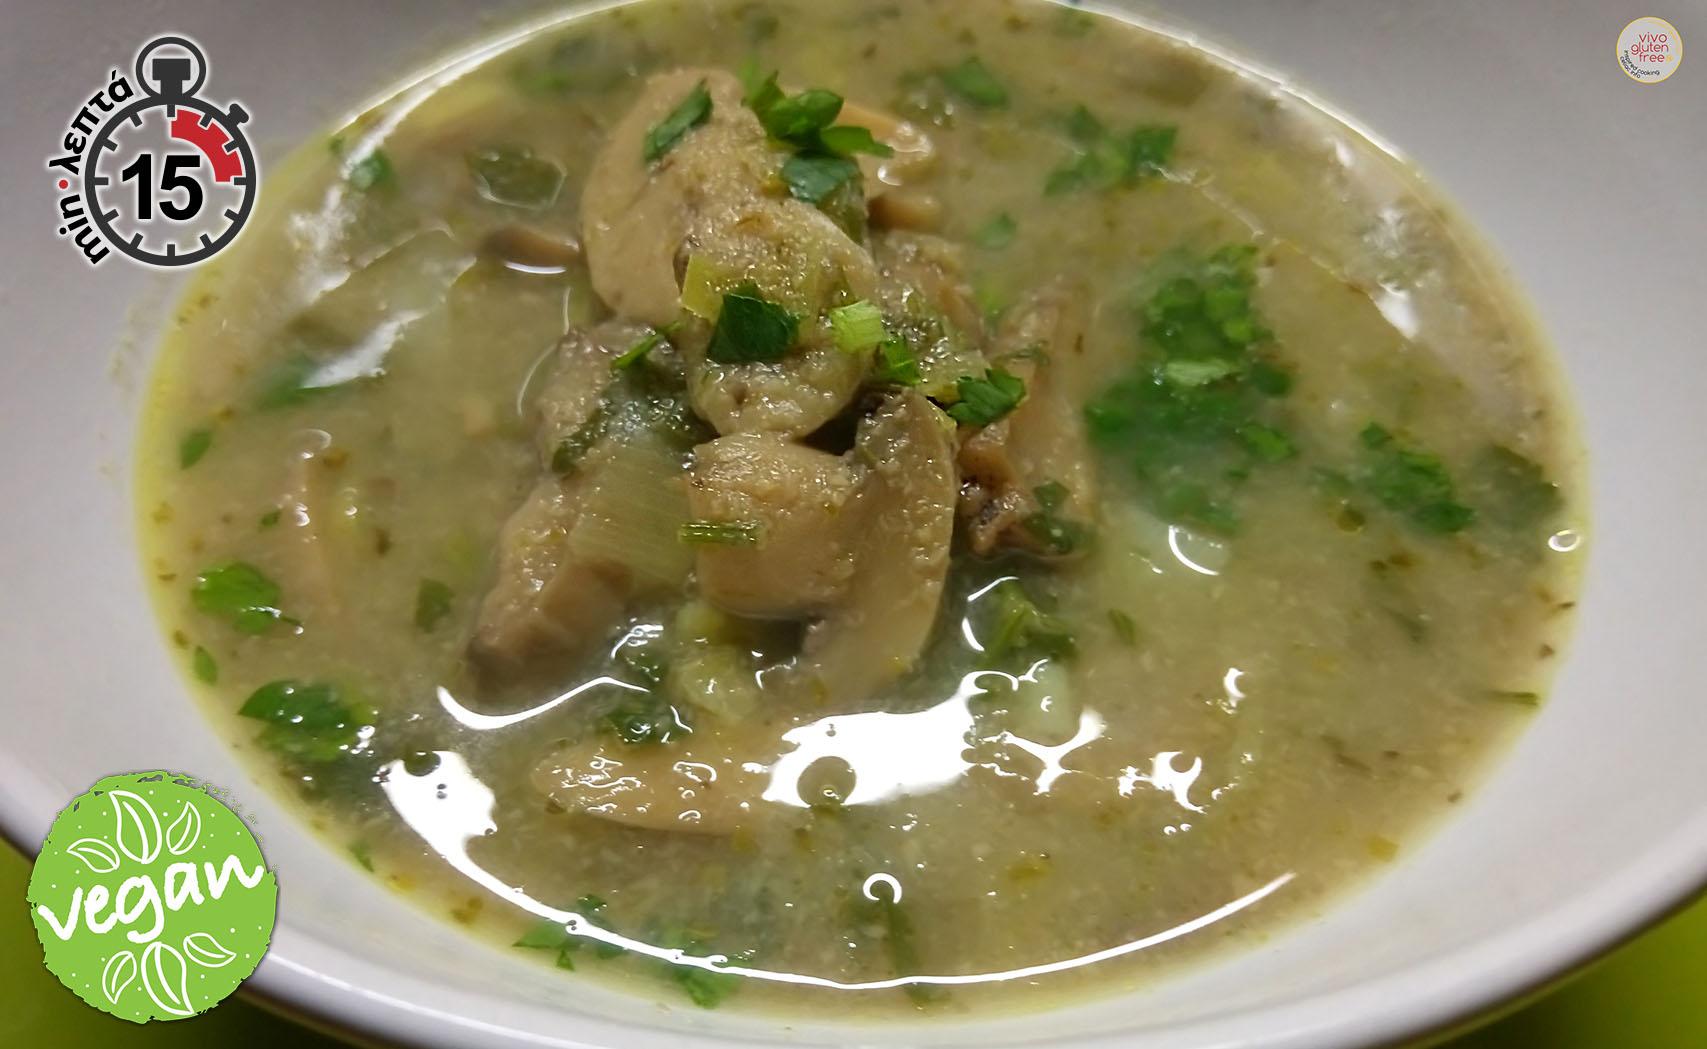 manitarosoupa-mushroom-soup-closeup